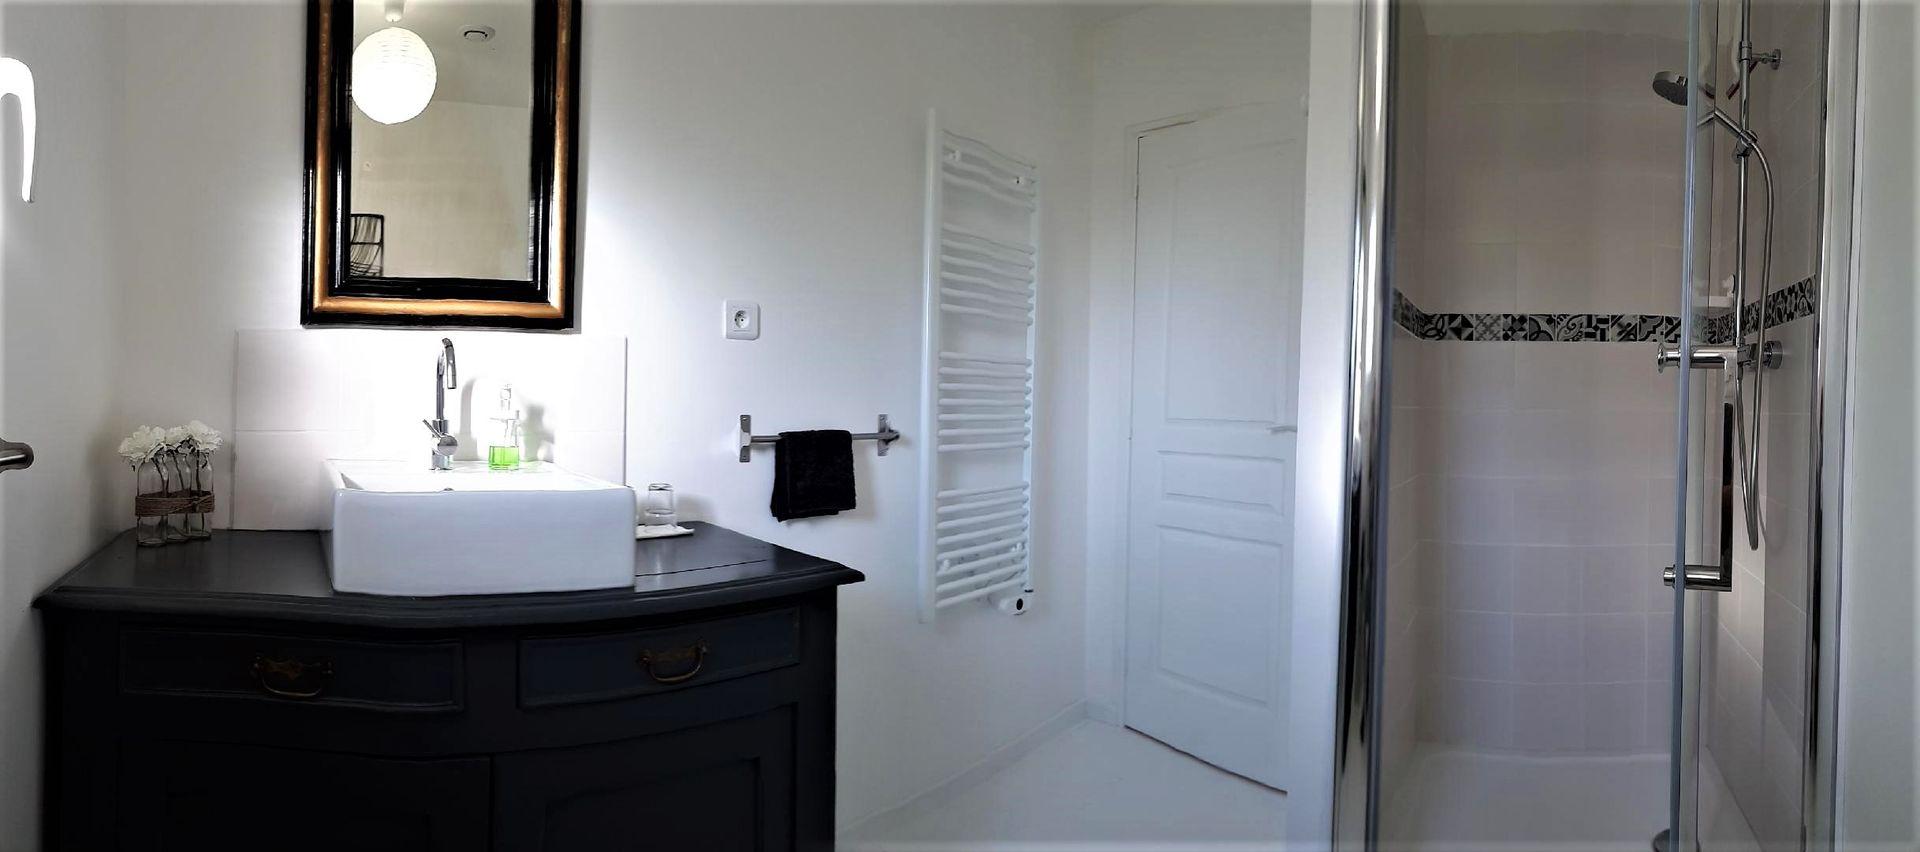 Chambres---La-Fontaine-de-Resnel---salle-d-eau-1---Frehel---2018